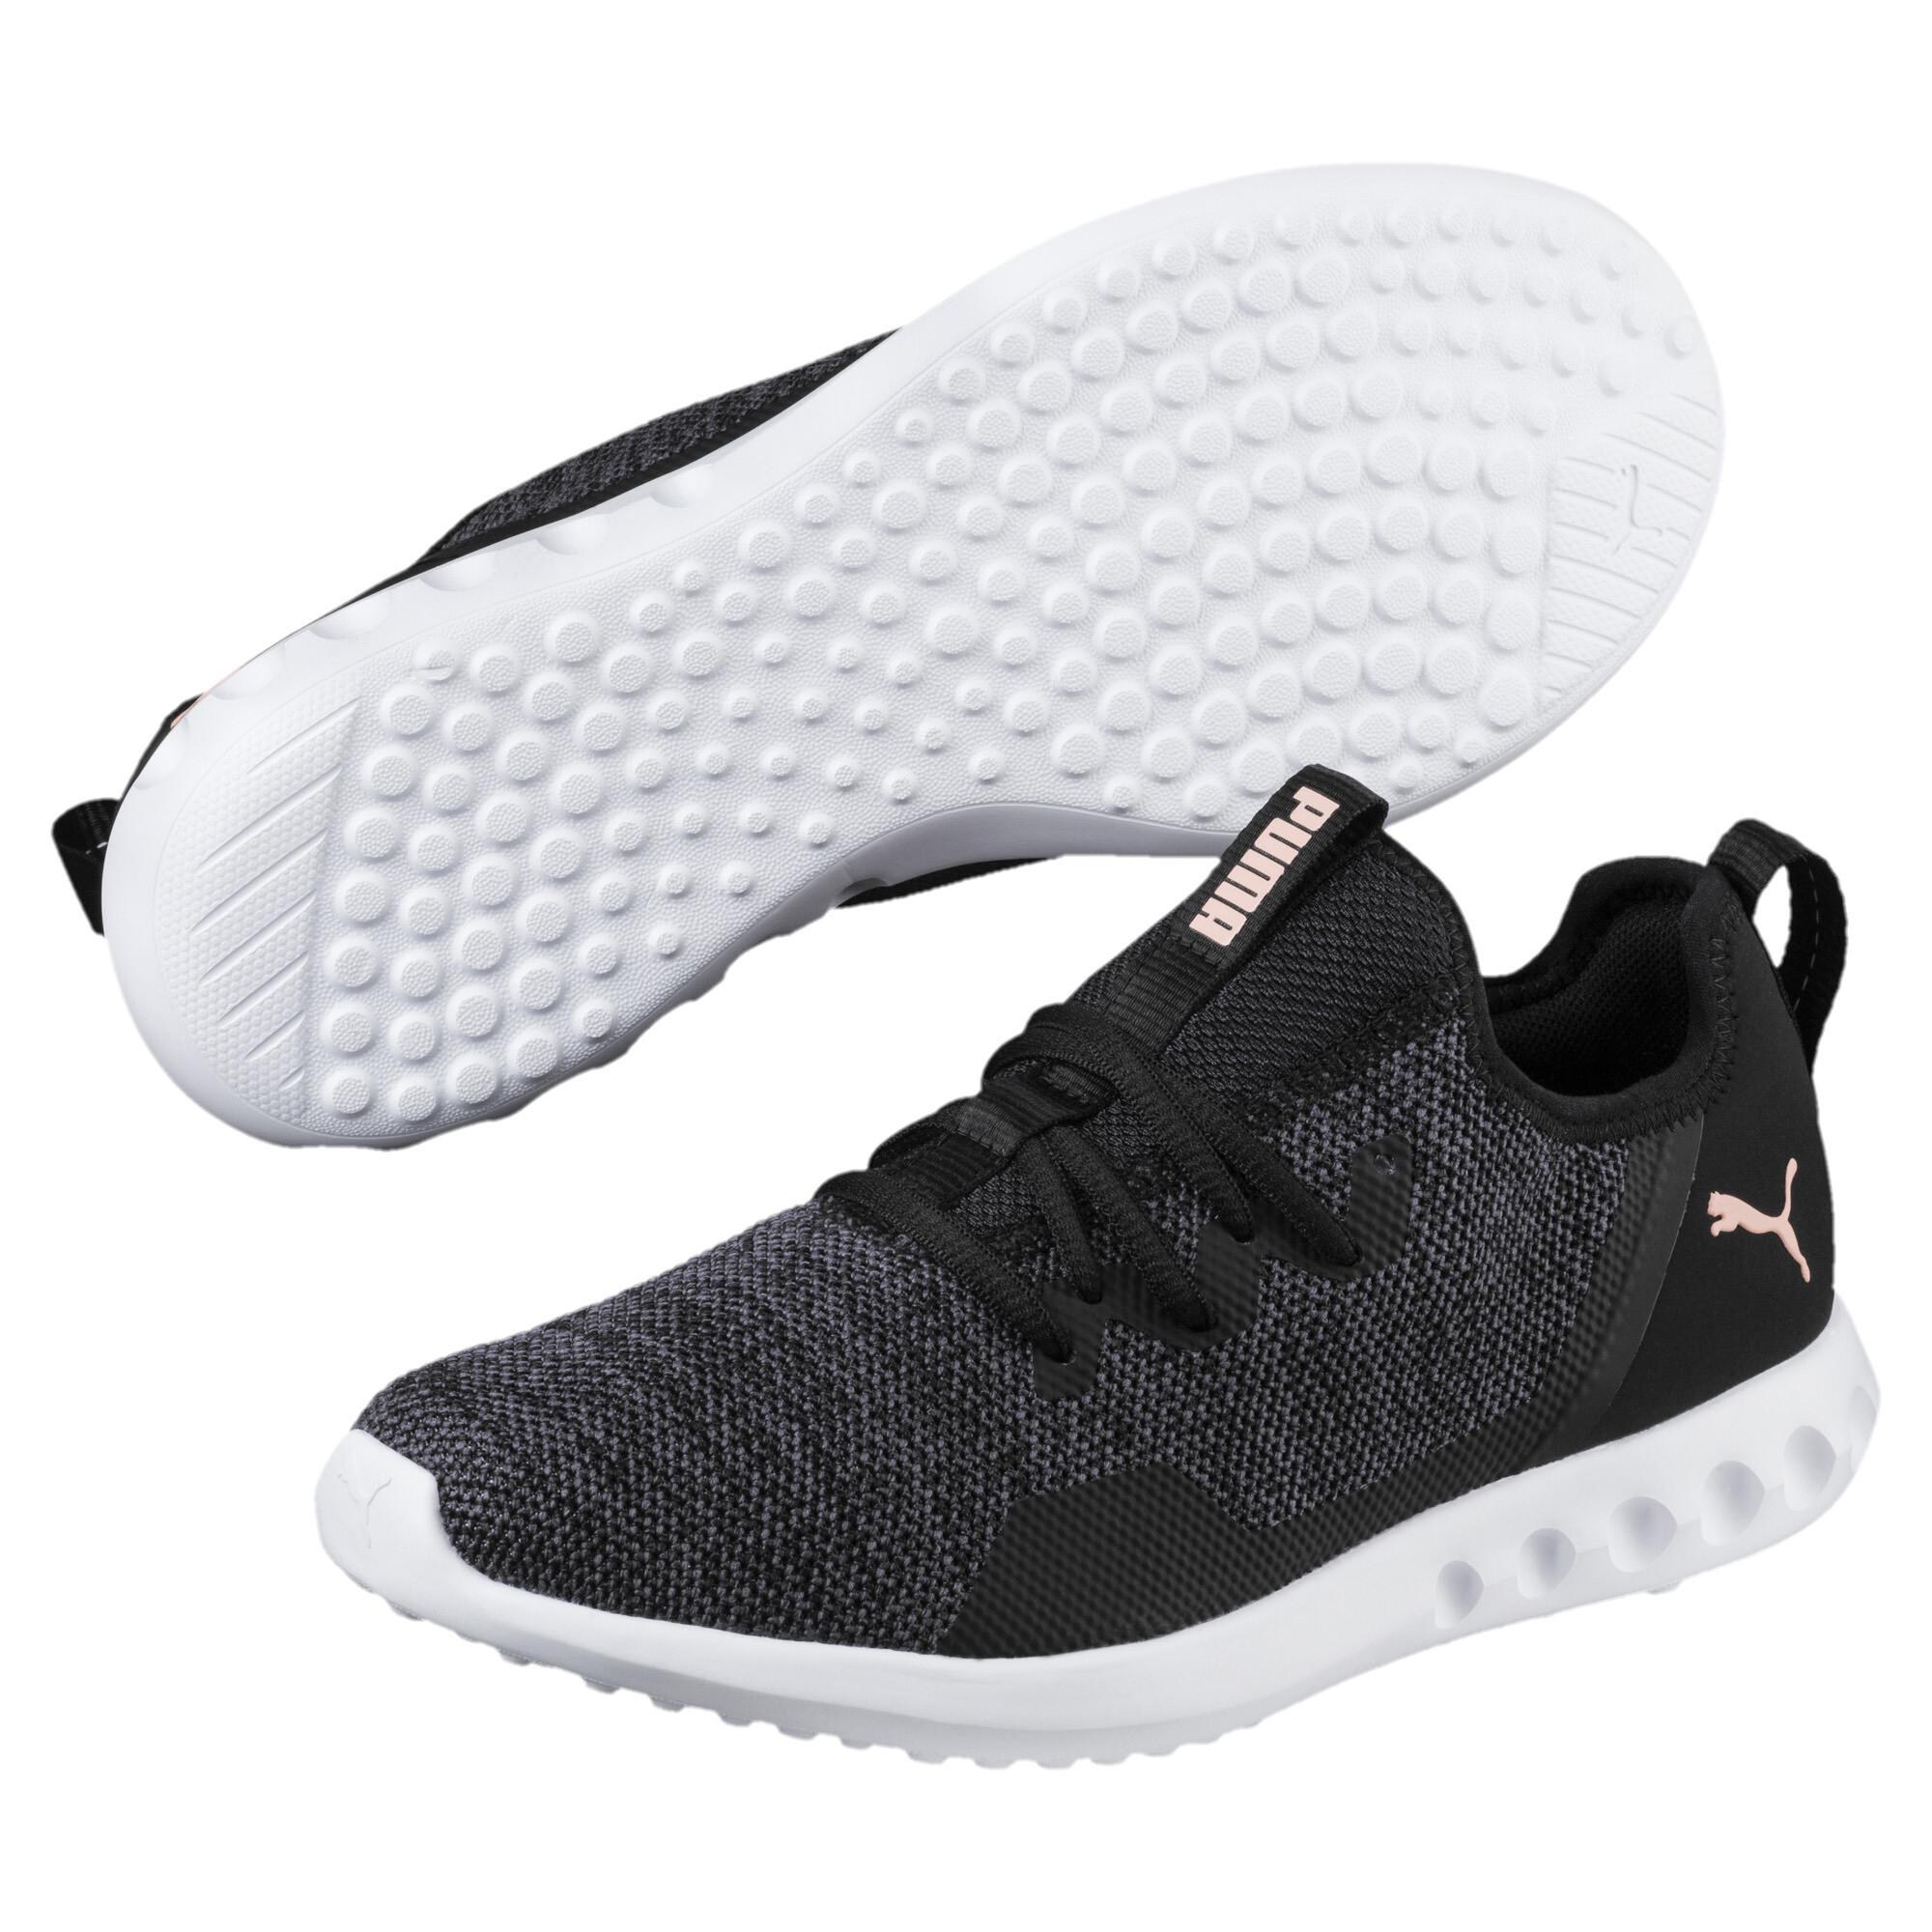 PUMA-Carson-2-X-Knit-Women-s-Running-Shoes-Women-Shoe-Running thumbnail 3